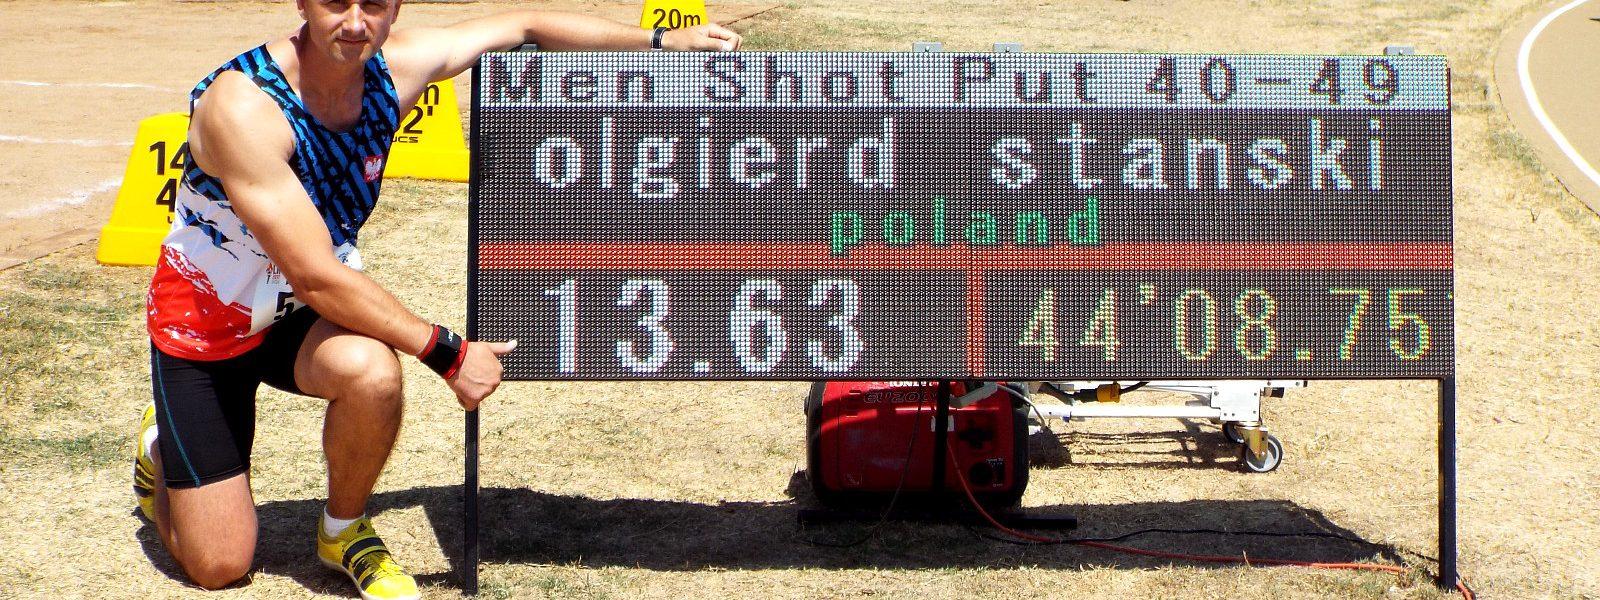 Olgierd Stański zdobył dwa złote medale podczas Światowych Igrzysk Służb Policyjnych i Straży Pożarnych w Los Angeles.